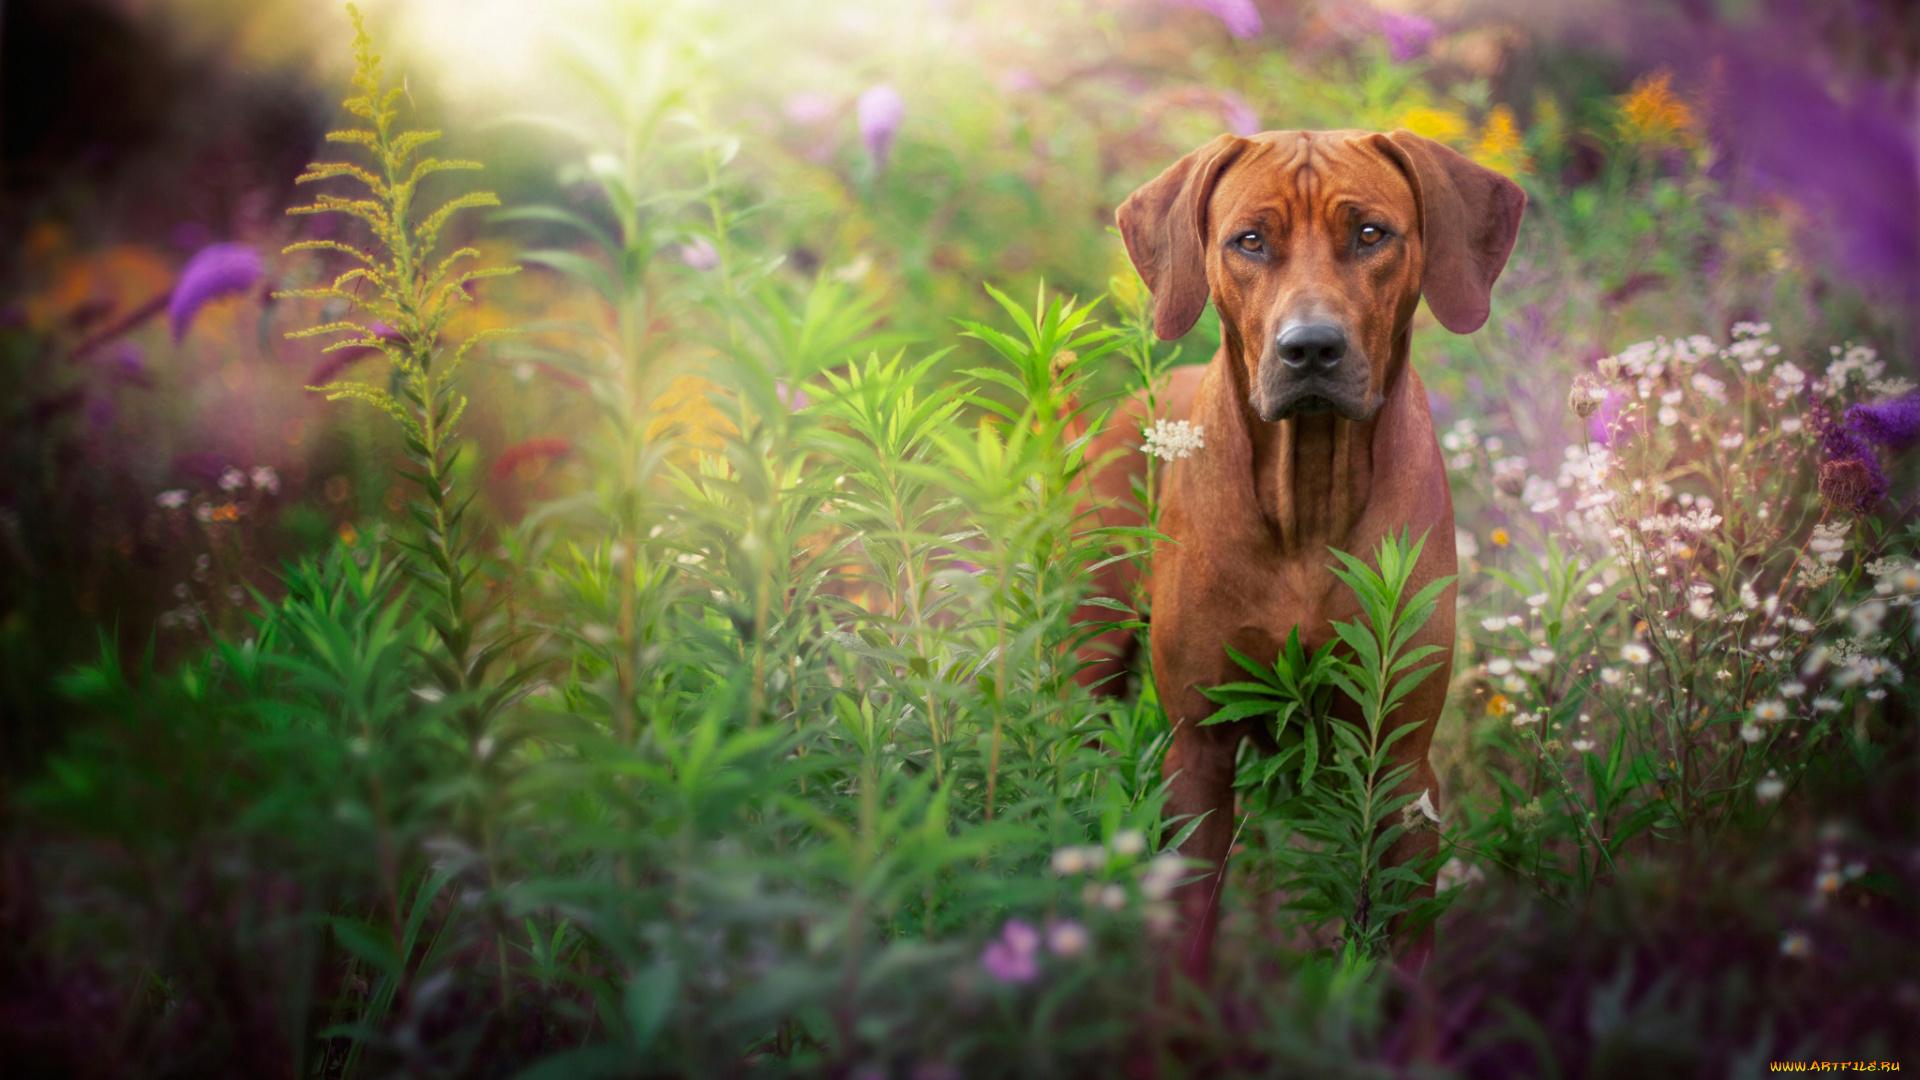 Пёс на поляне смотреть